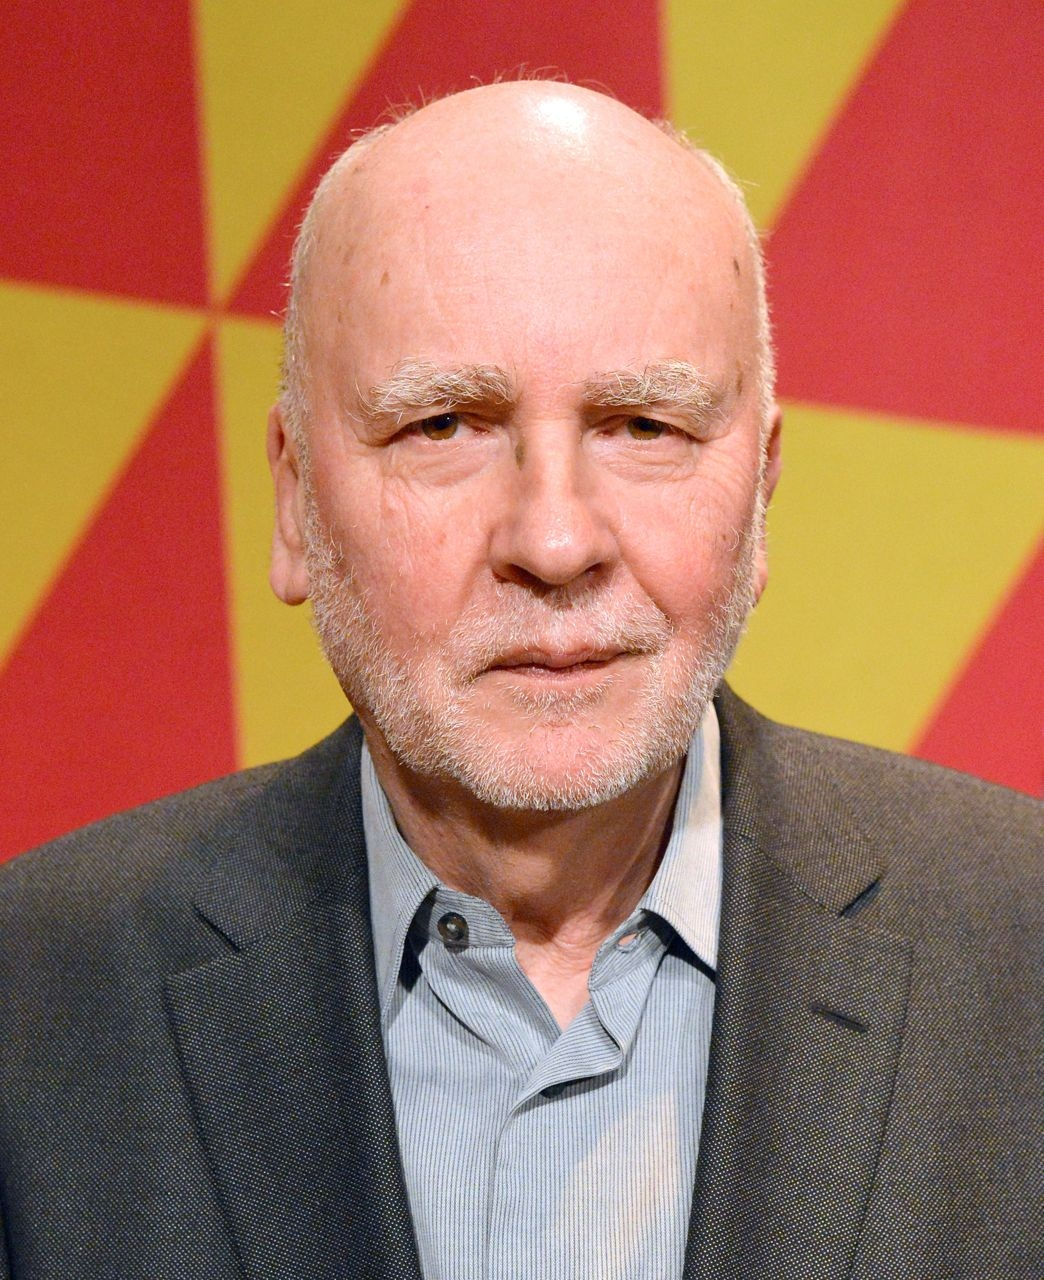 l polaco Adam Zagajewski, ha sido galardonado con el Premio Princesa de Asturias de las Letras 2017.